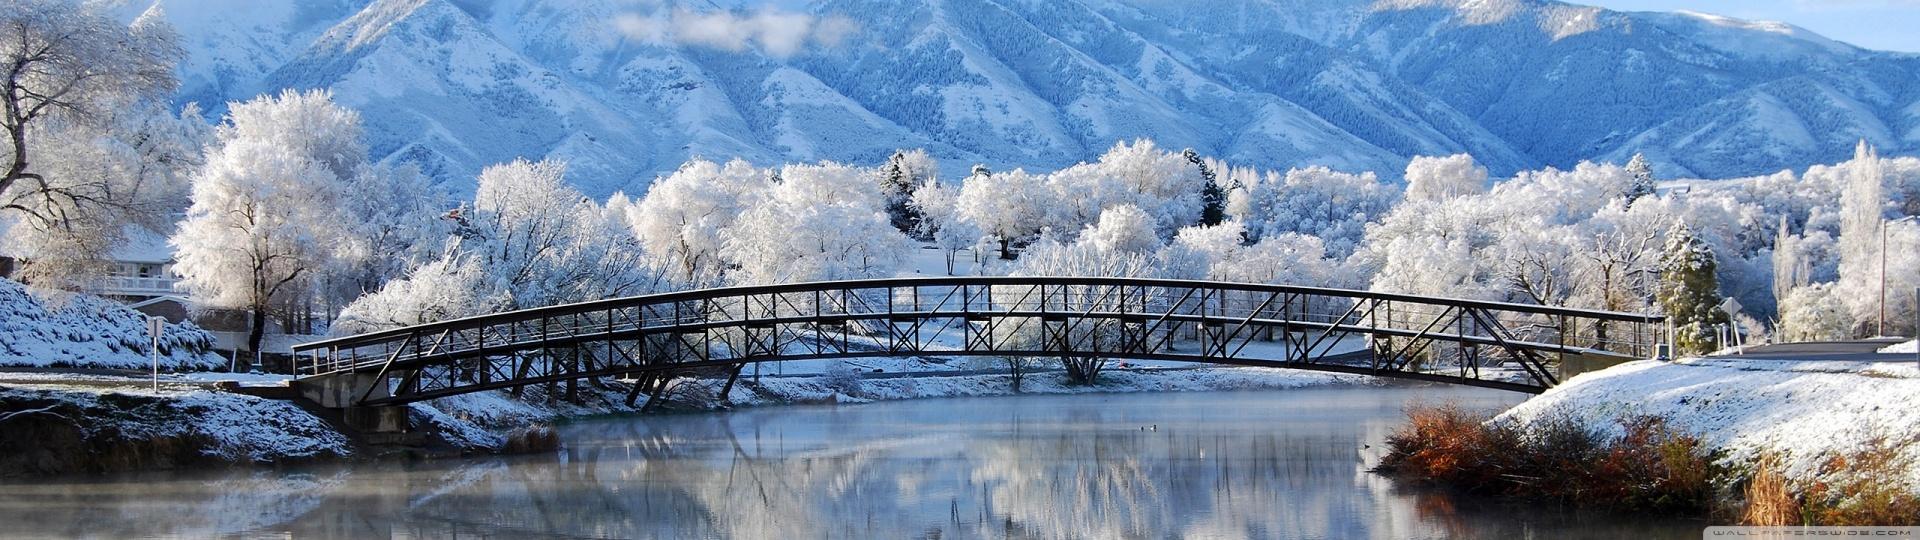 Beautiful Winter Scene 4K HD Desktop Wallpaper for 4K Ultra HD 1920x540